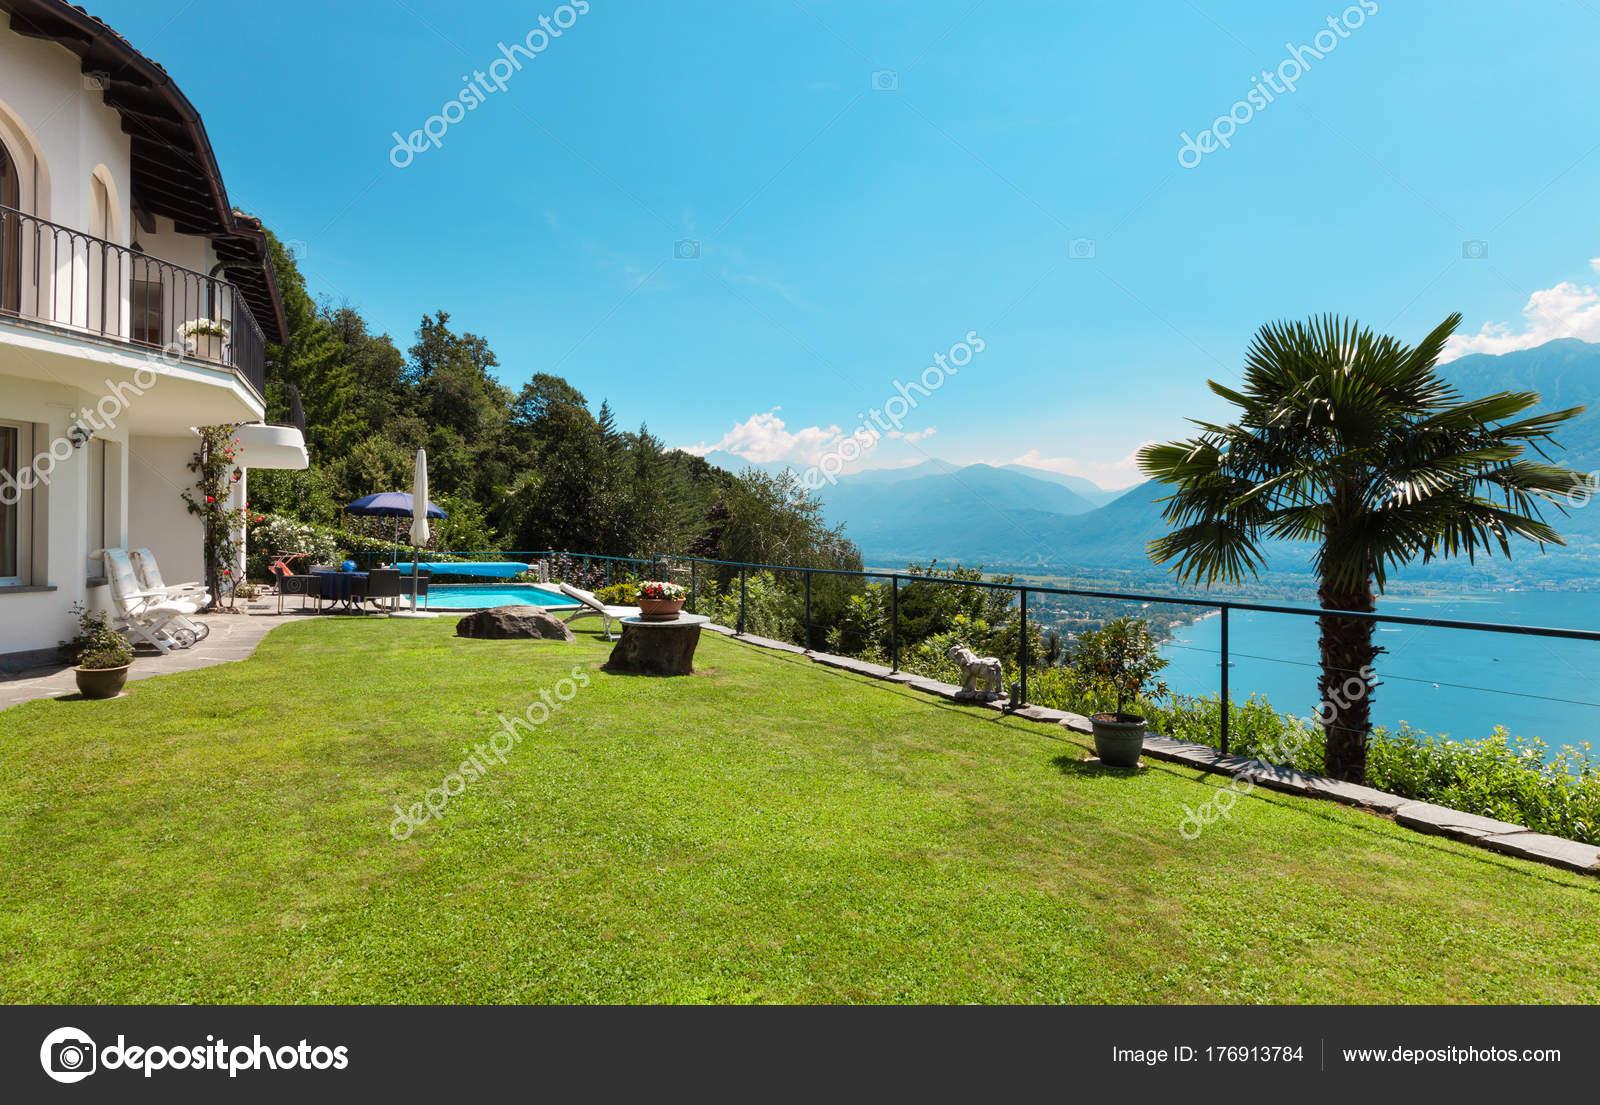 Uberlegen Schöne Terrasse Mit Swimming Pool In Einem Haus, Garten U2014 Foto Von Zveiger